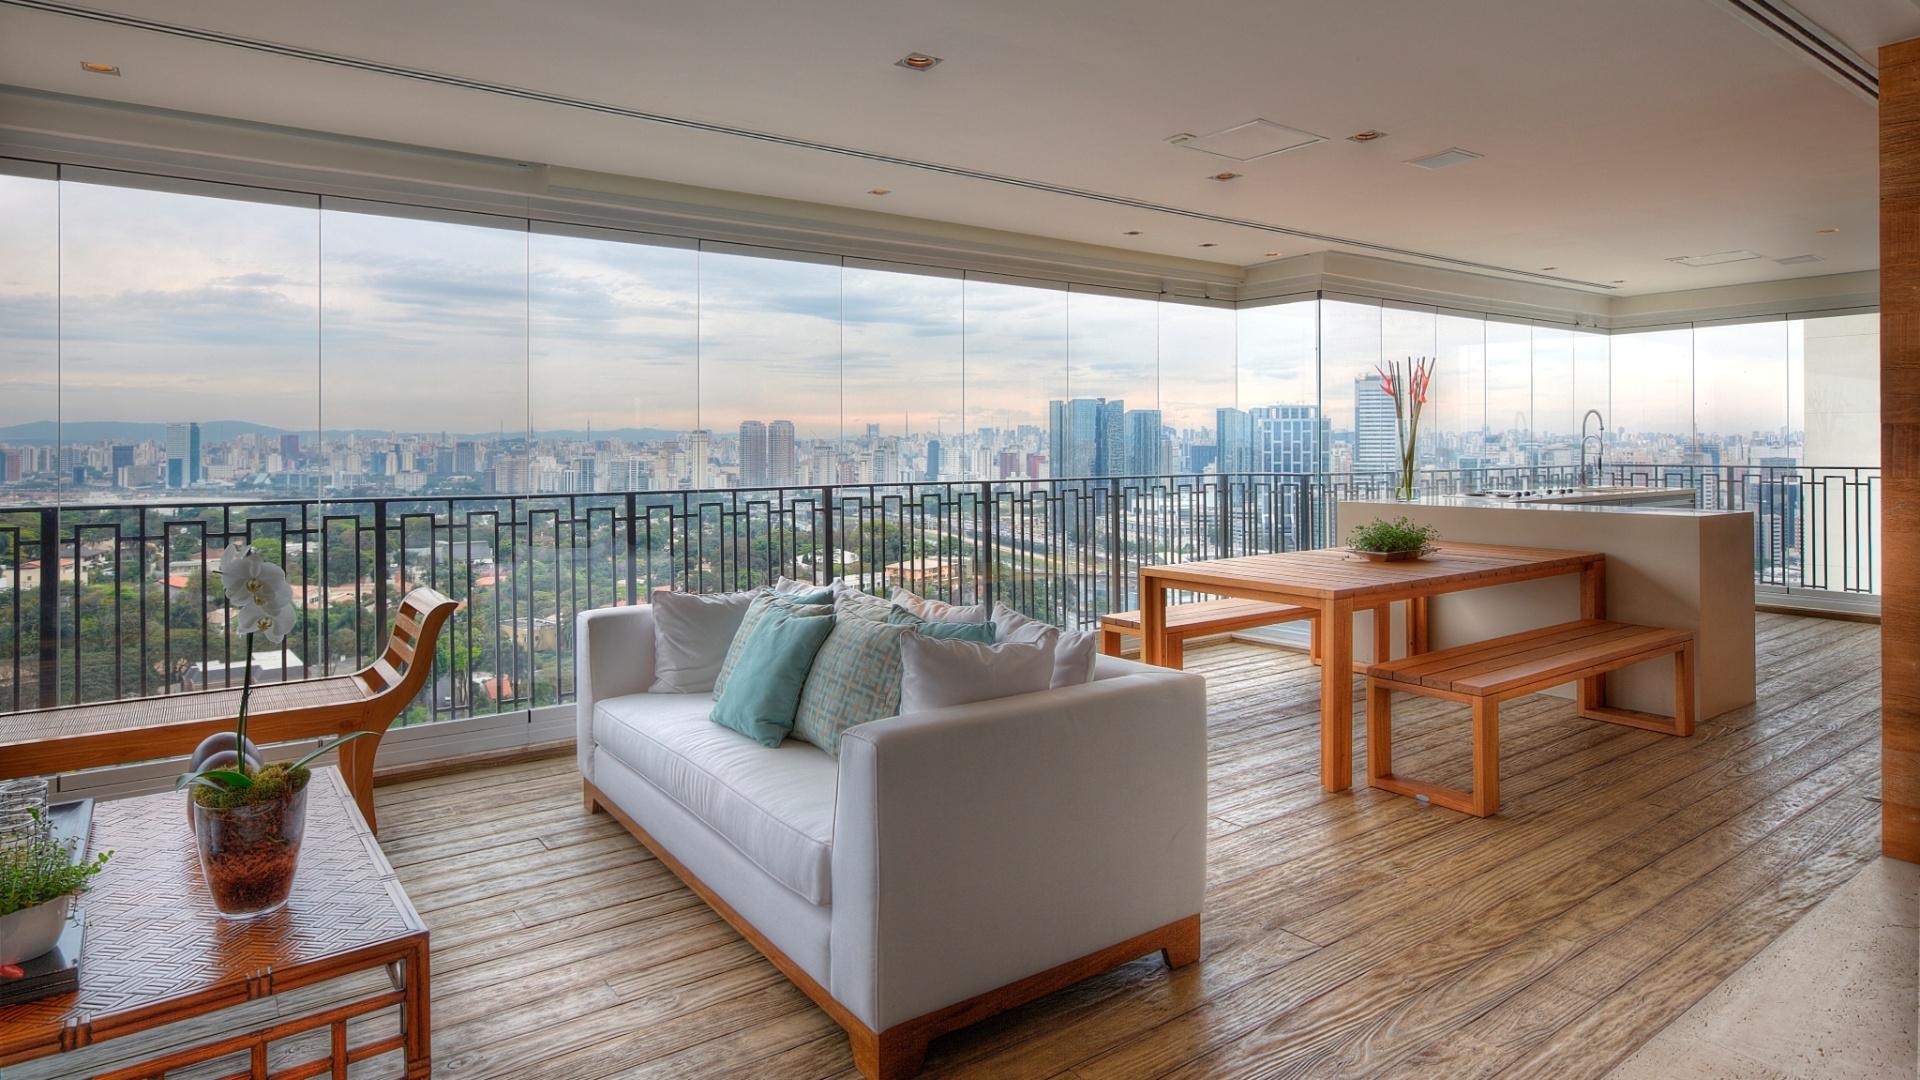 Na extensa varanda gourmet do apartamento em São Paulo (SP), as arquitetas Giselle Macedo e Patrícia Covolo distribuíram os móveis, priorizando a circulação dos moradores e amigos. Na bancada em